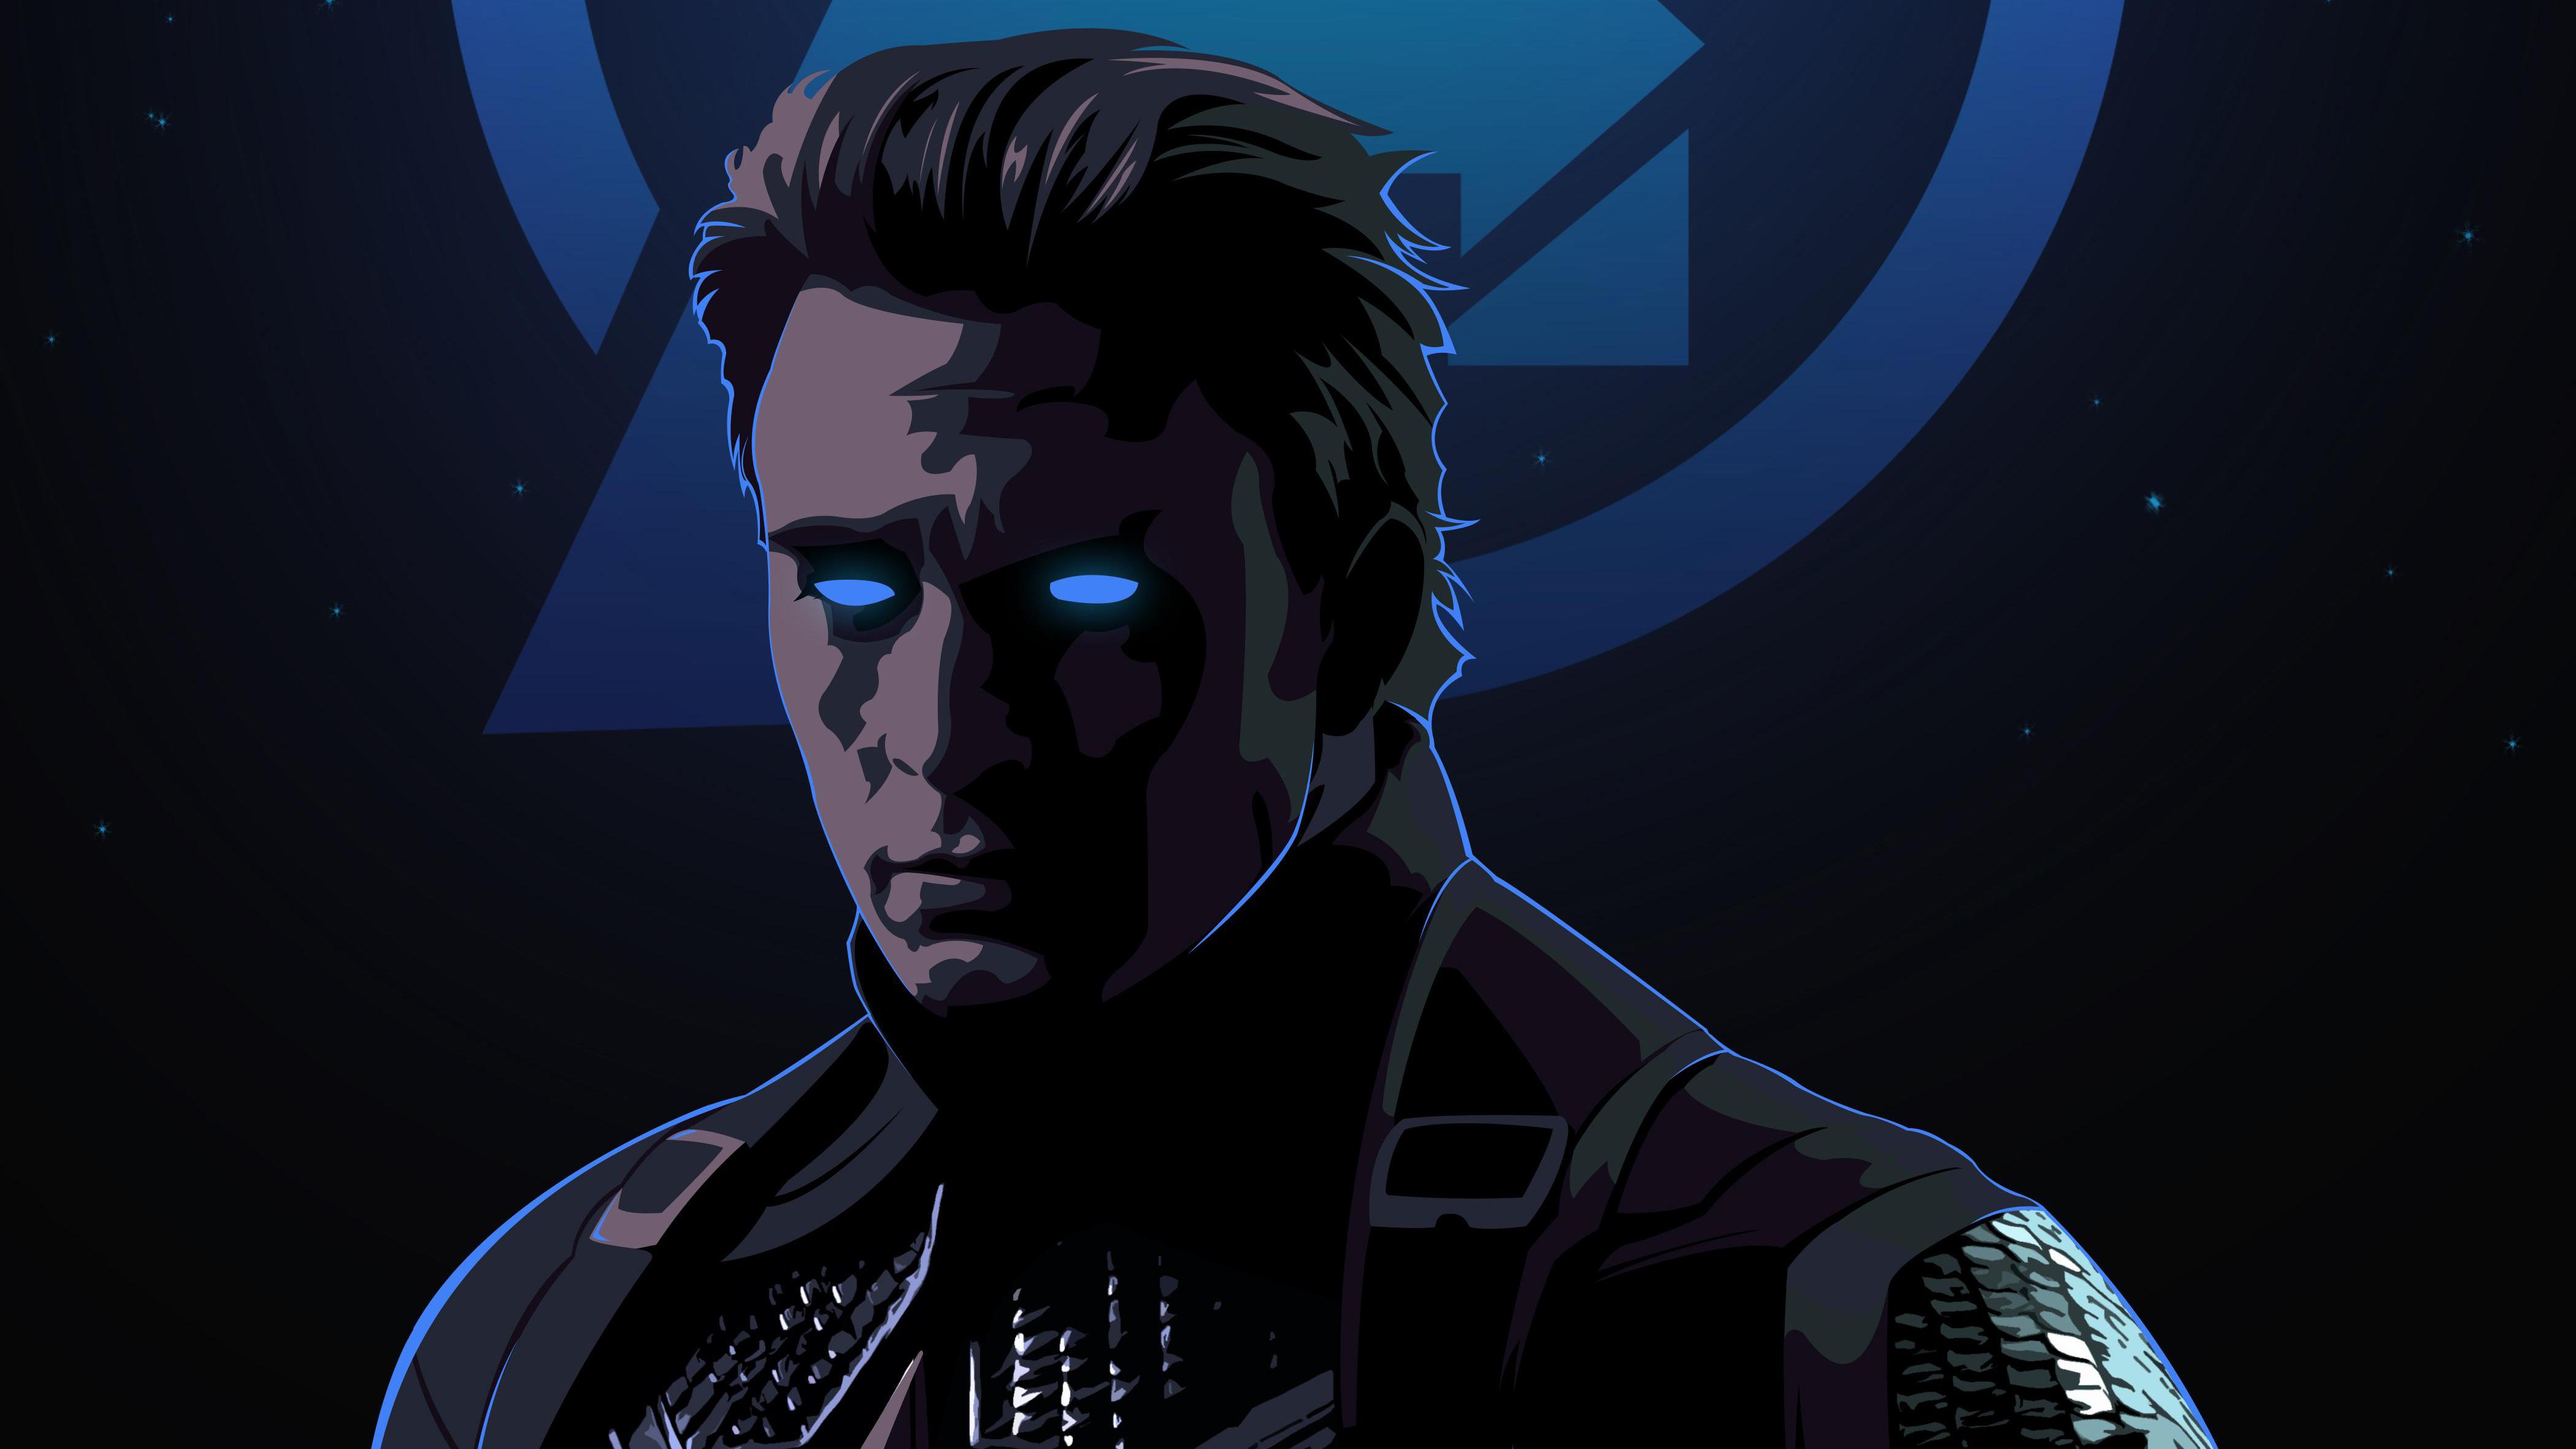 1920x1080 Captain America Endgame Art Laptop Full HD 1080P ...